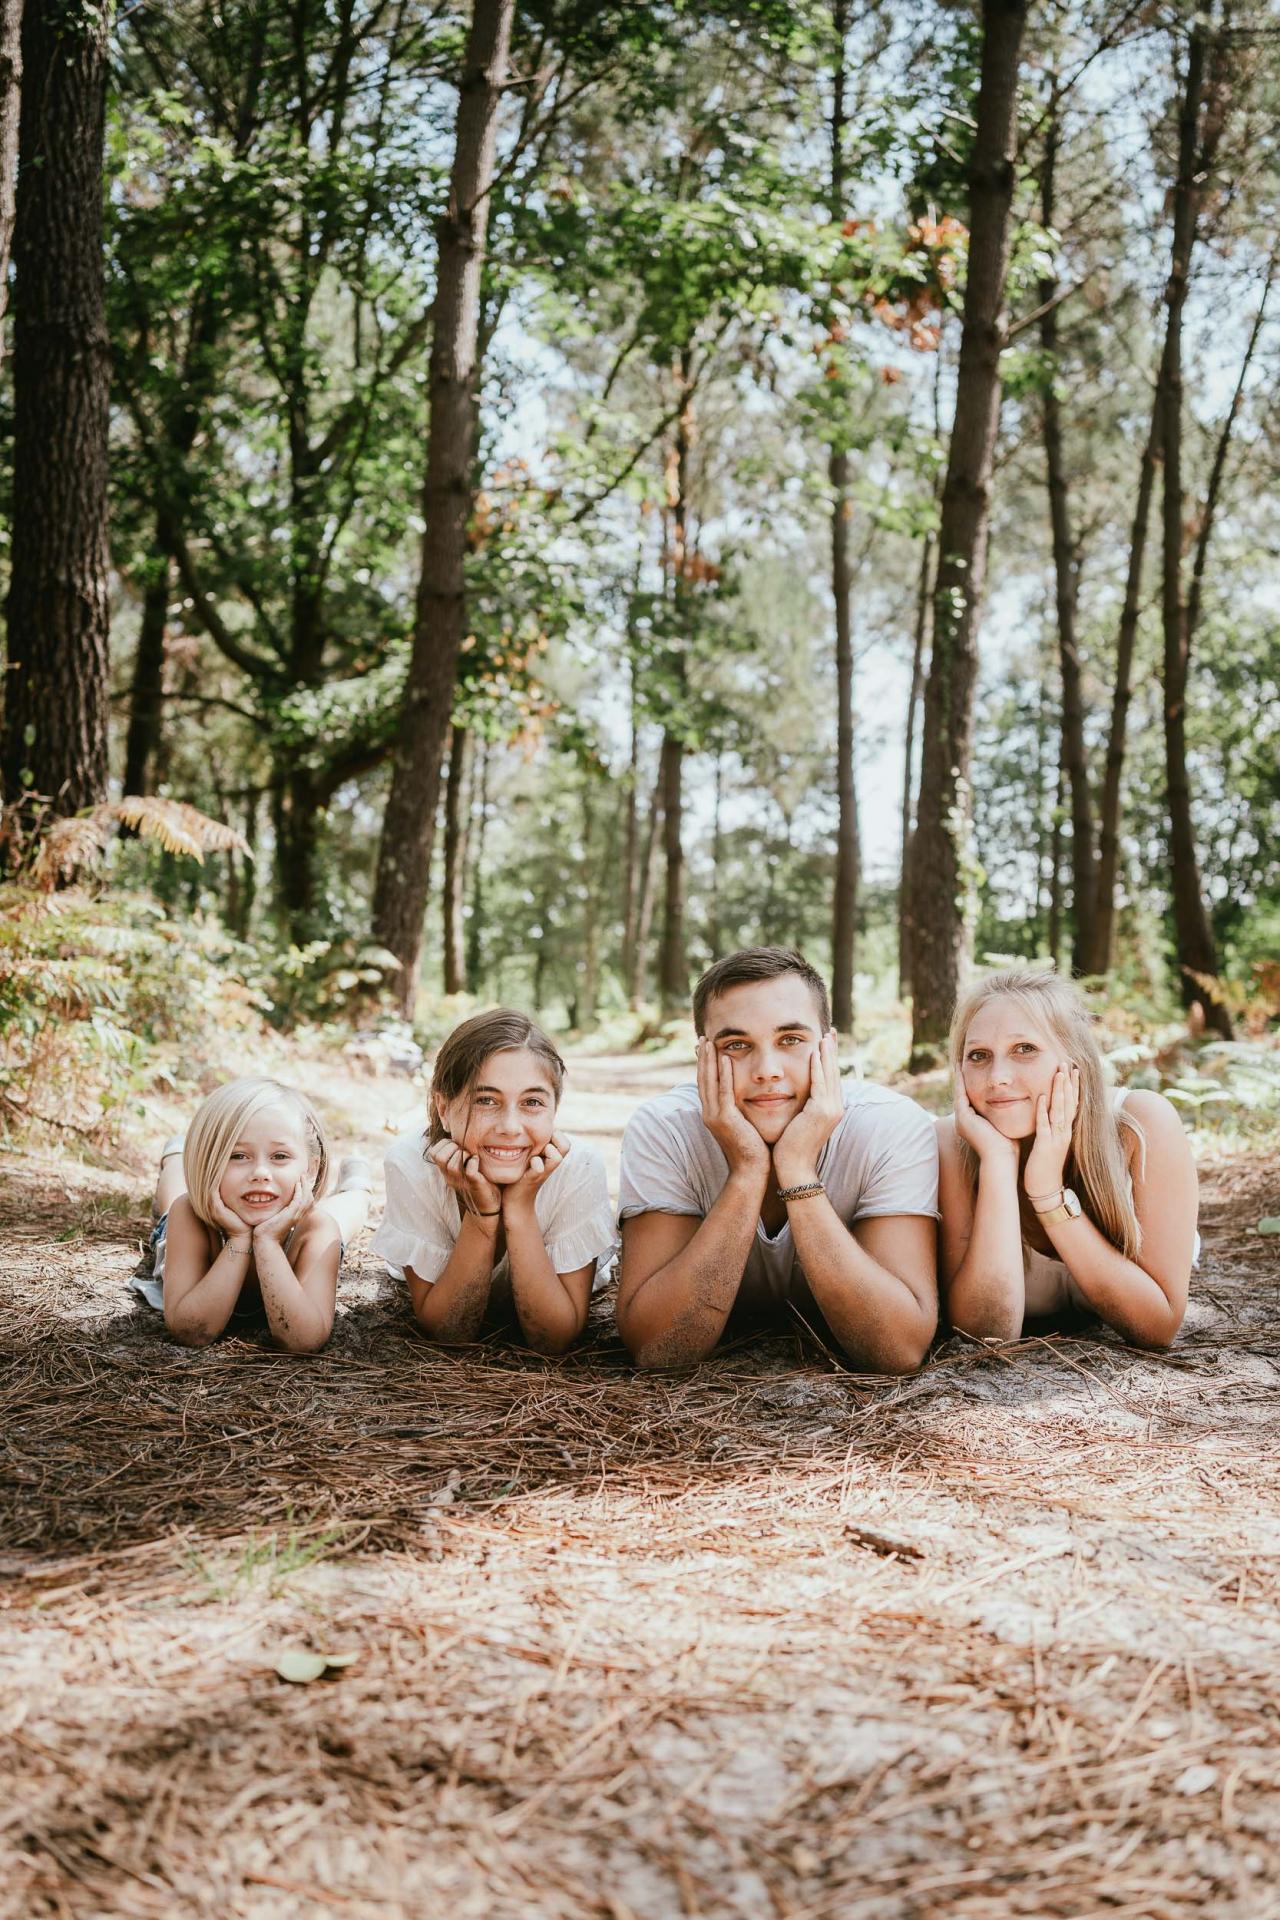 Allison micallef photographe de famille dax landes